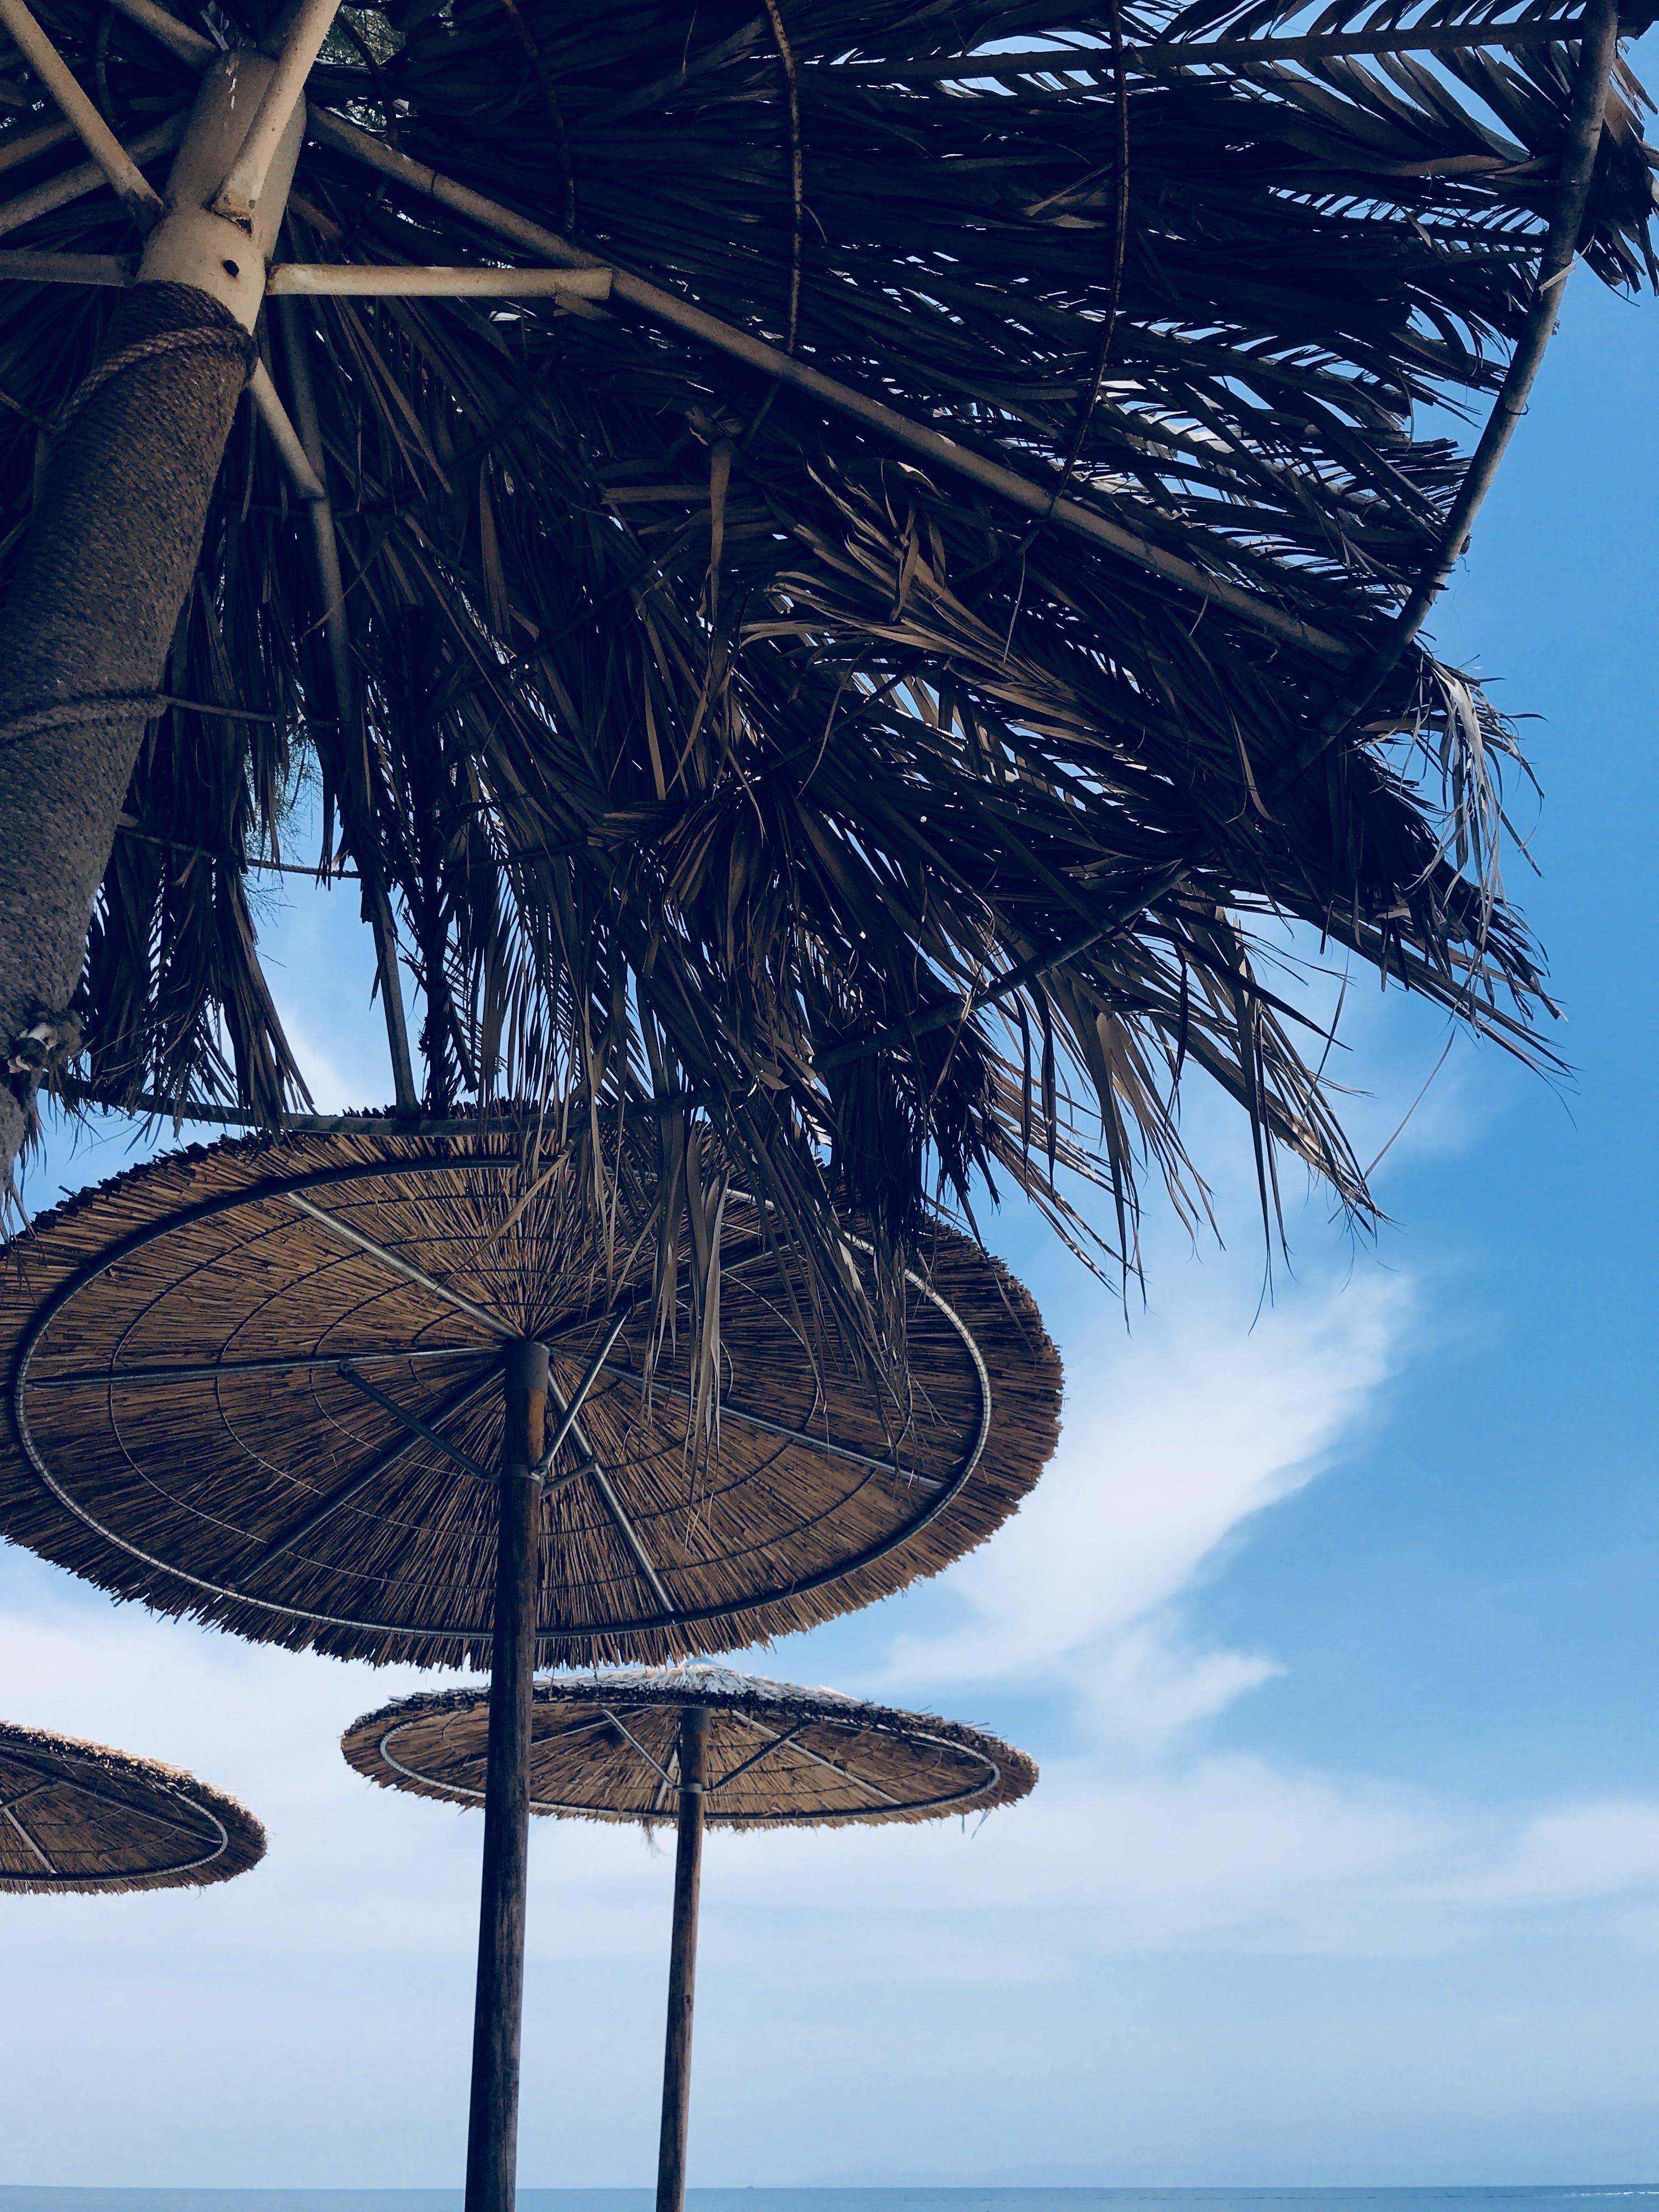 คลังภาพถ่ายฟรี ของ กลางวัน, การท่องเที่ยว, การพักผ่อนหย่อนใจ, ชายหาด